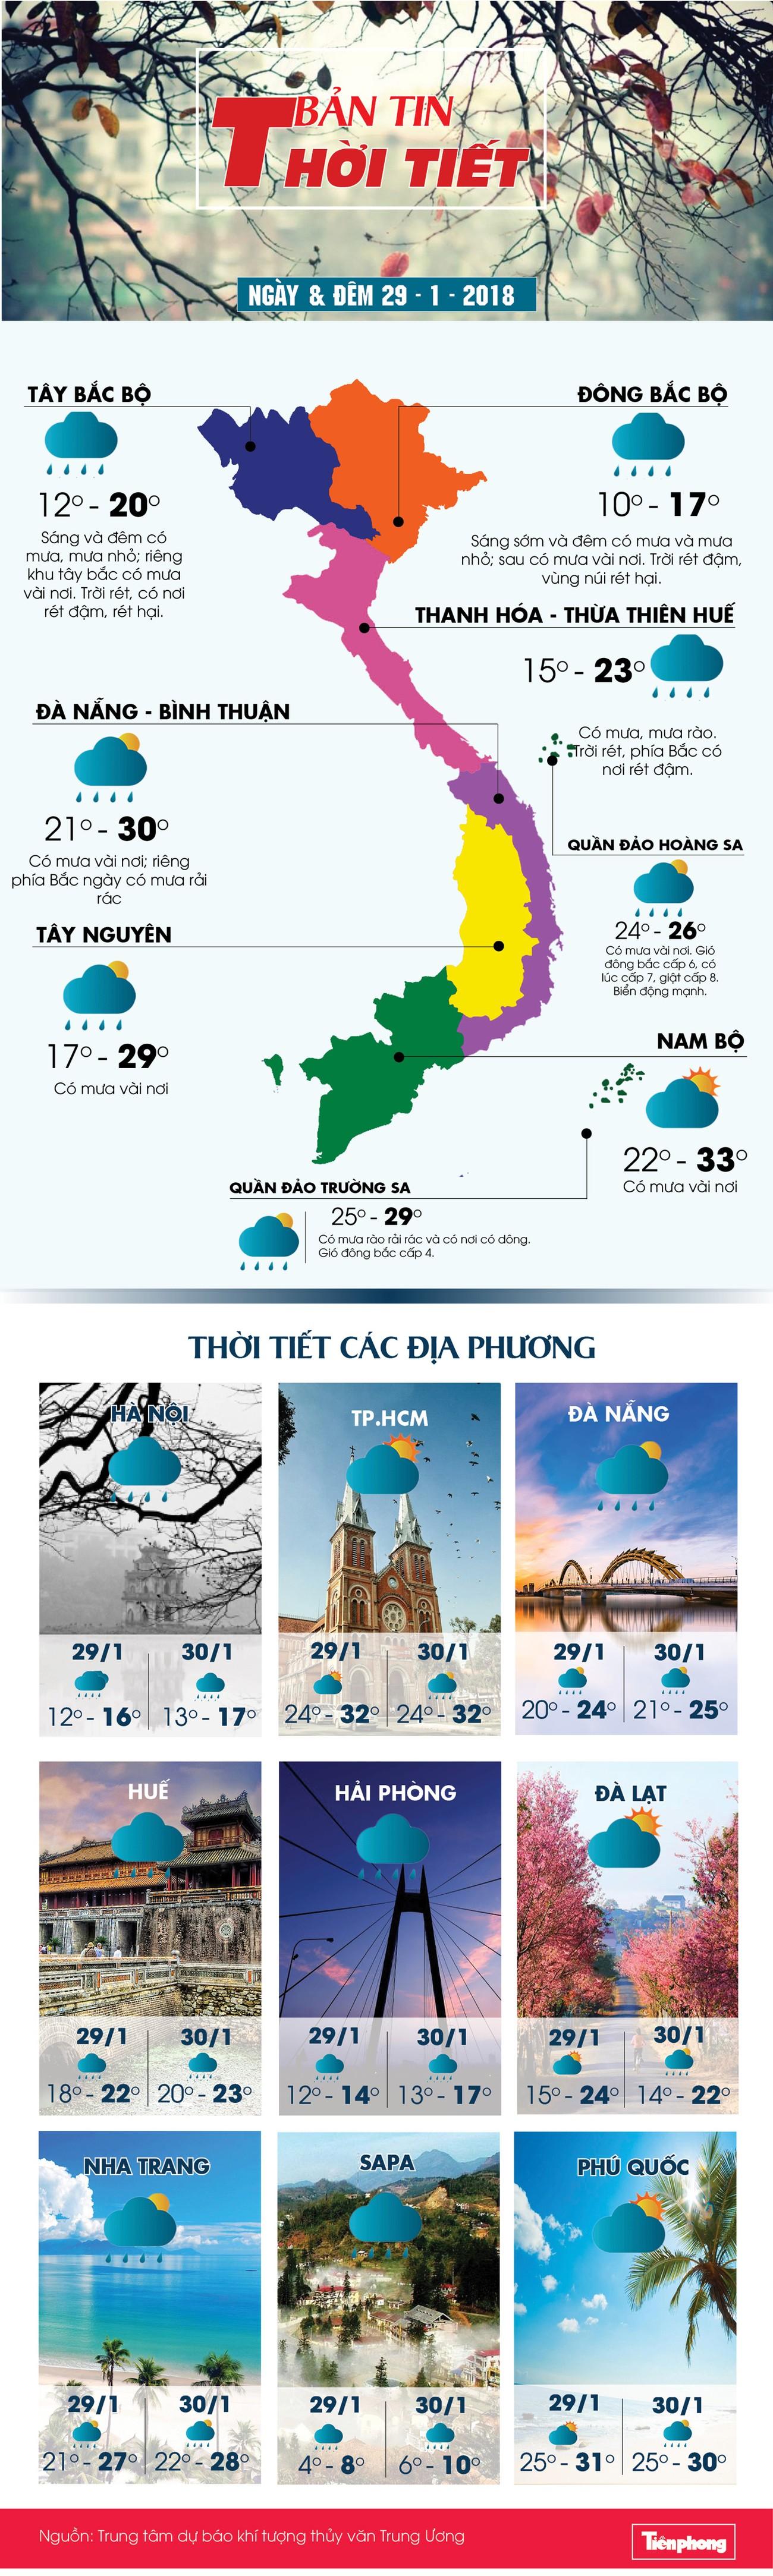 Bắc Bộ chìm trong mưa rét, có nơi dưới 5 độ C ảnh 1